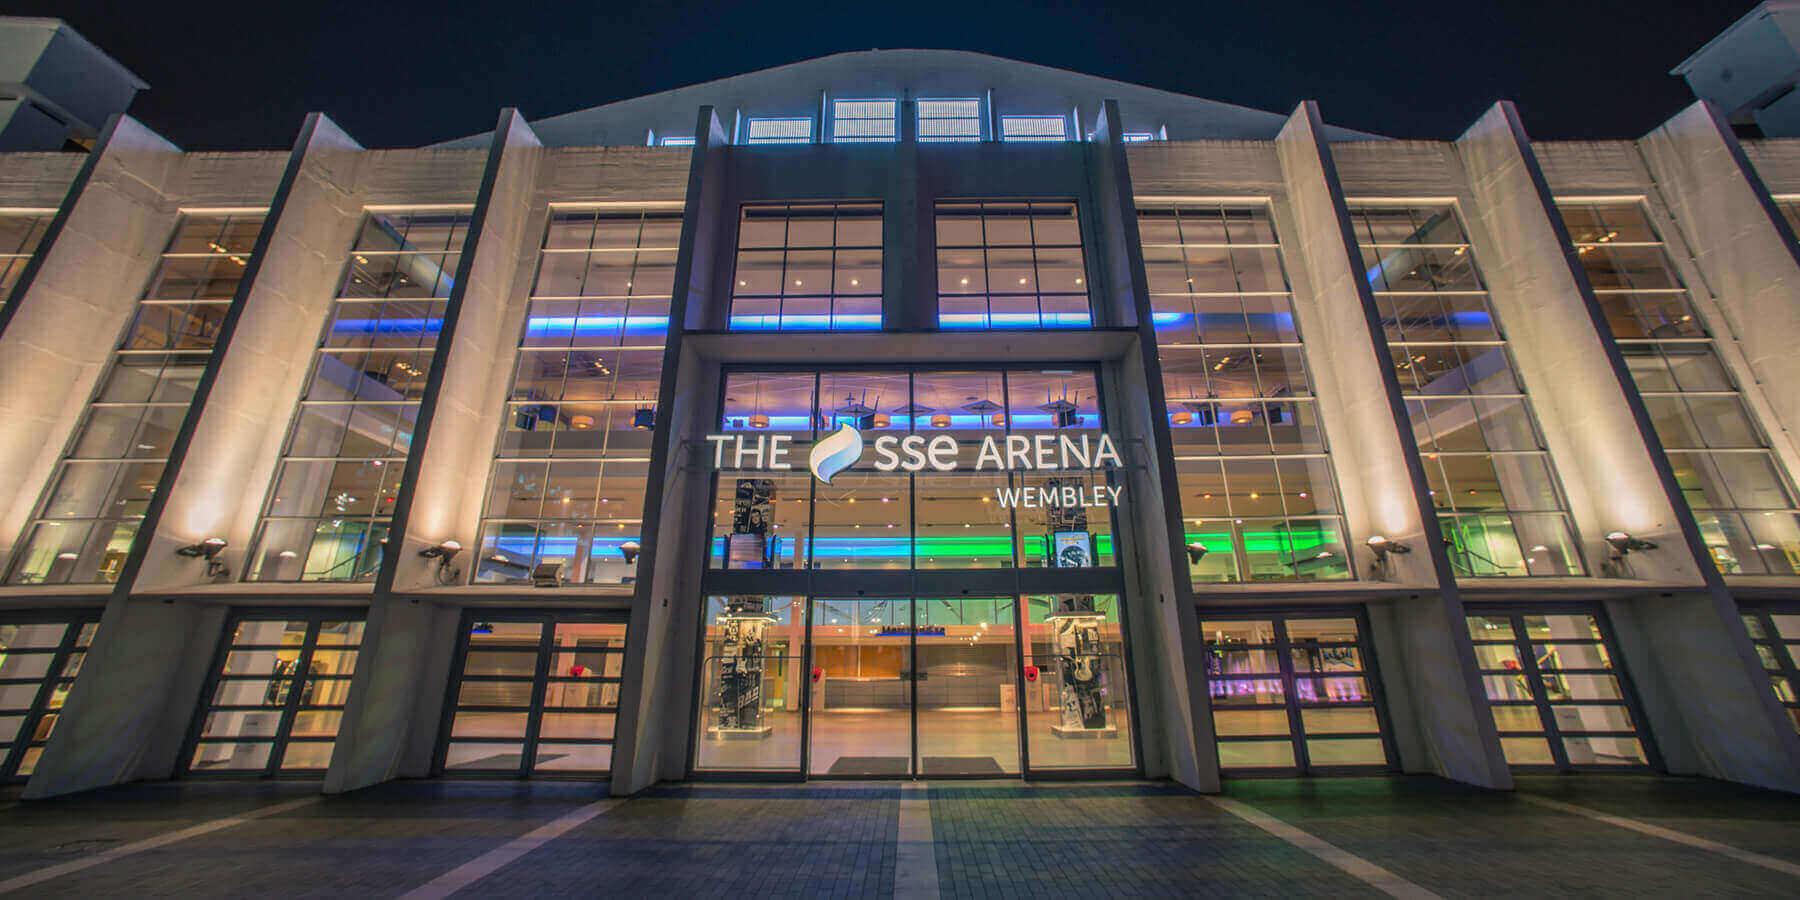 sse-wembley-arena